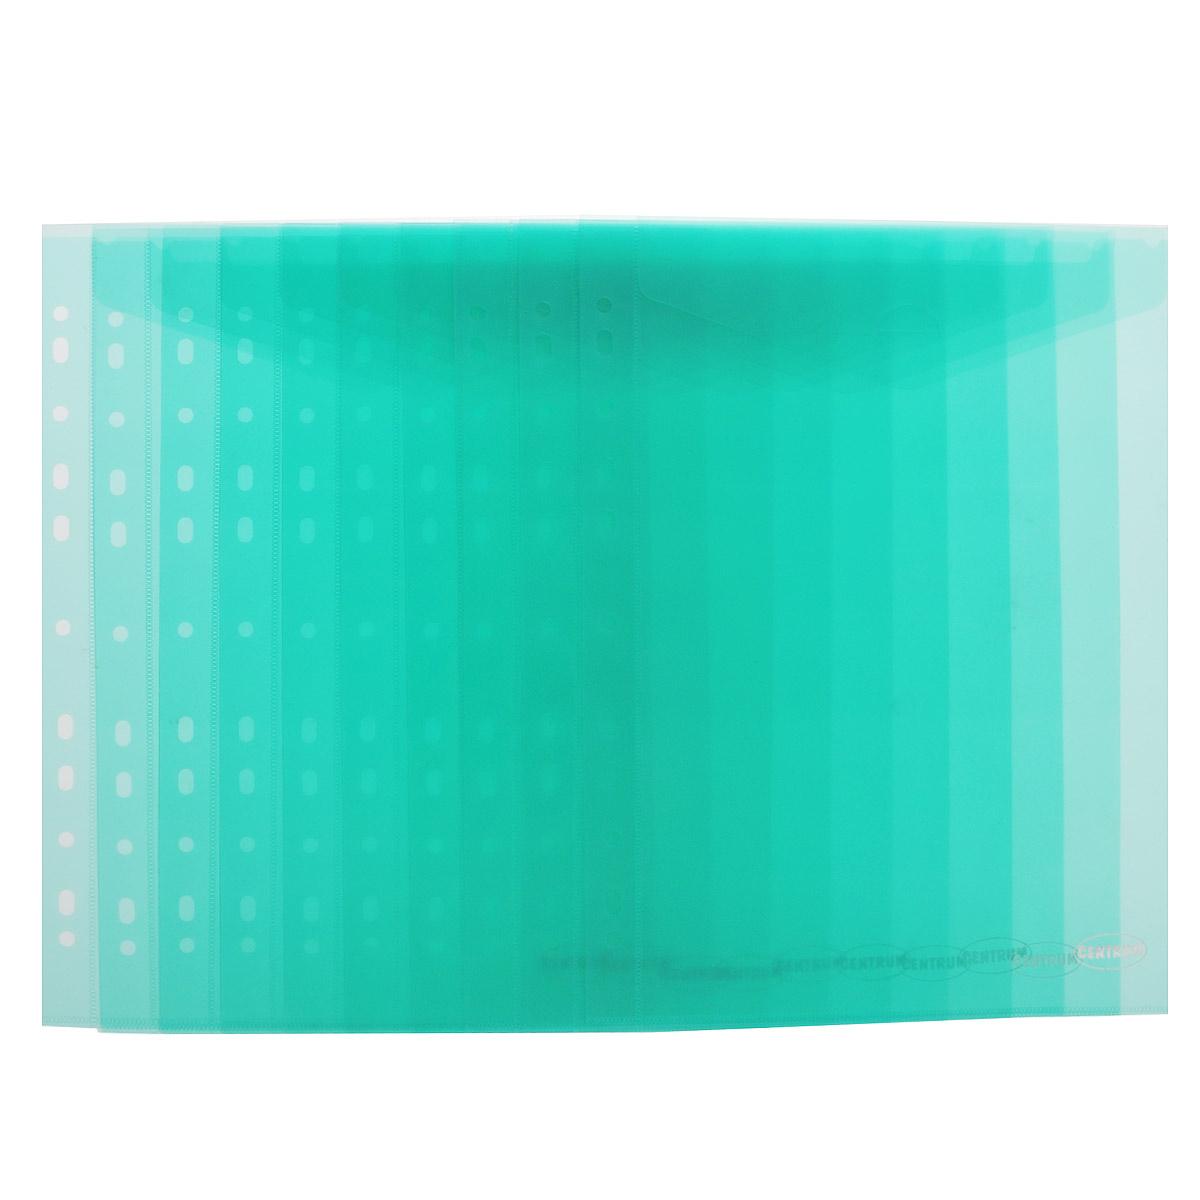 Папка-конверт Centrum, вертикальная, с перфорацией, цвет: зеленый. Формат А4, 10 шт80630_зеленыйПапка-конверт Centrum, вертикальная, с перфорацией - это удобный и функциональный офисный инструмент, предназначенный для хранения и транспортировки рабочих бумаг и документов формата А4. Папка изготовлена из полупрозрачного глянцевого пластика, имеет перфорацию. Закрывается с помощью обычного клапана. В комплект входят 10 папок формата A4. Папка-конверт - это незаменимый атрибут для студента, школьника, офисного работника. Такая папка надежно сохранит ваши документы и сбережет их от повреждений, пыли и влаги.